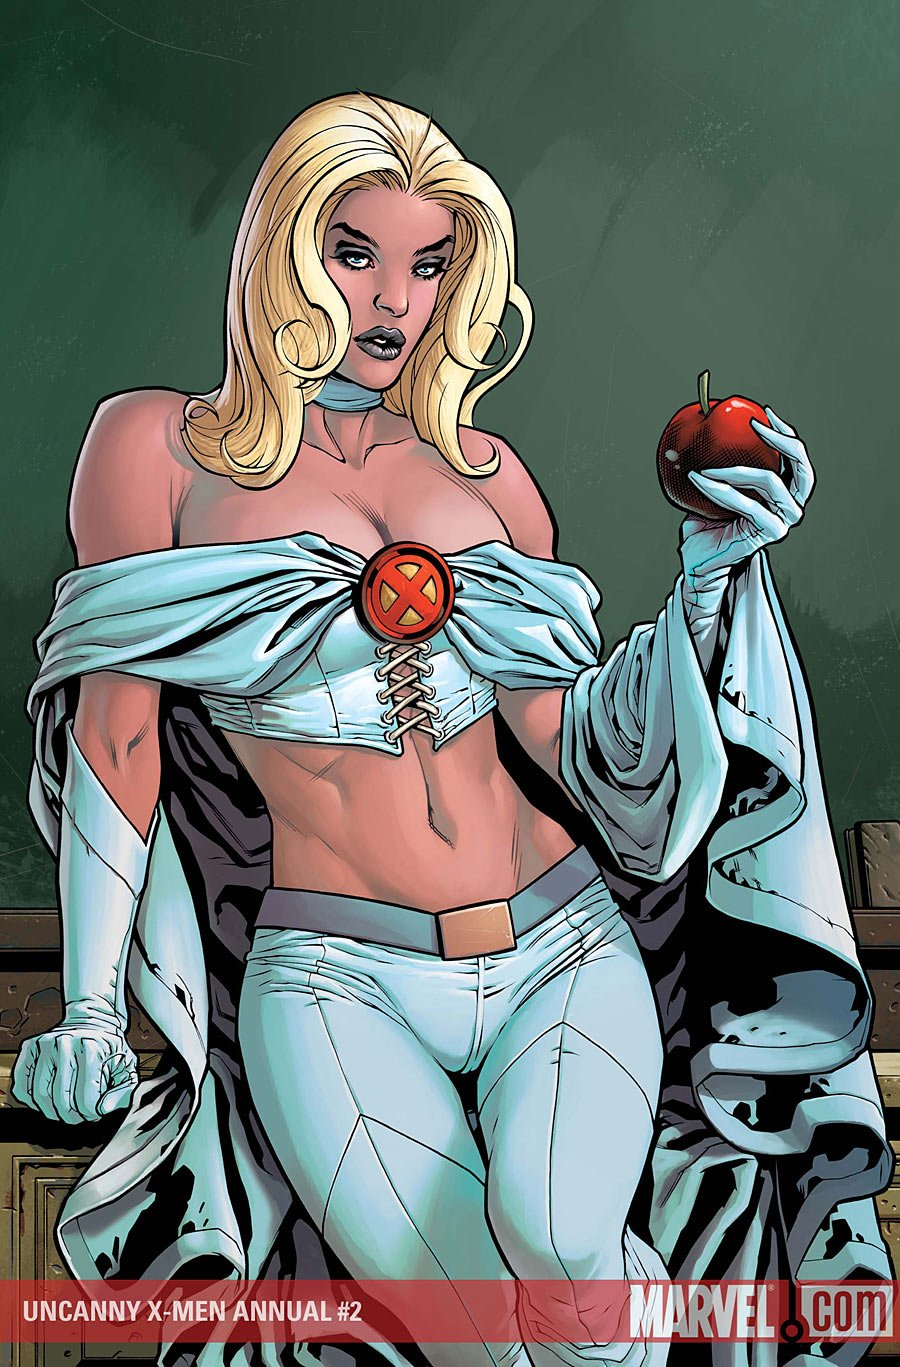 Топ-10 самых горячих героинь комиксов | Канобу - Изображение 4